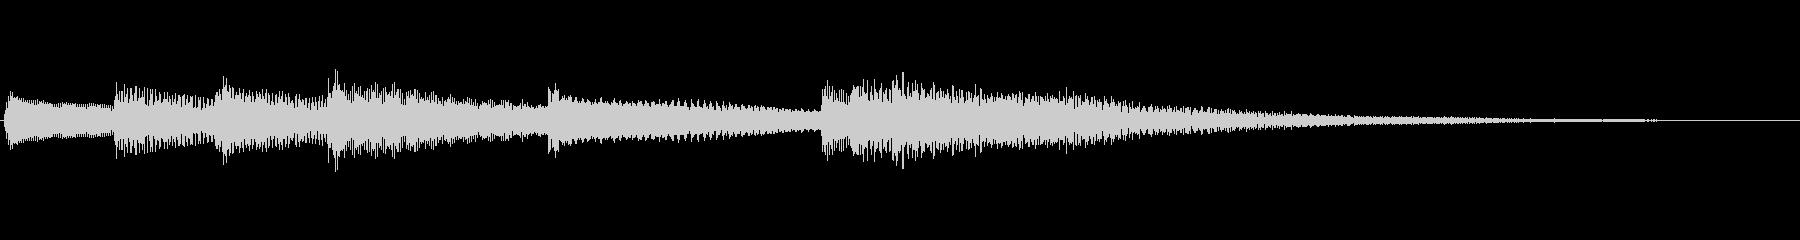 【生演奏】少しムードのあるピアノジングルの未再生の波形